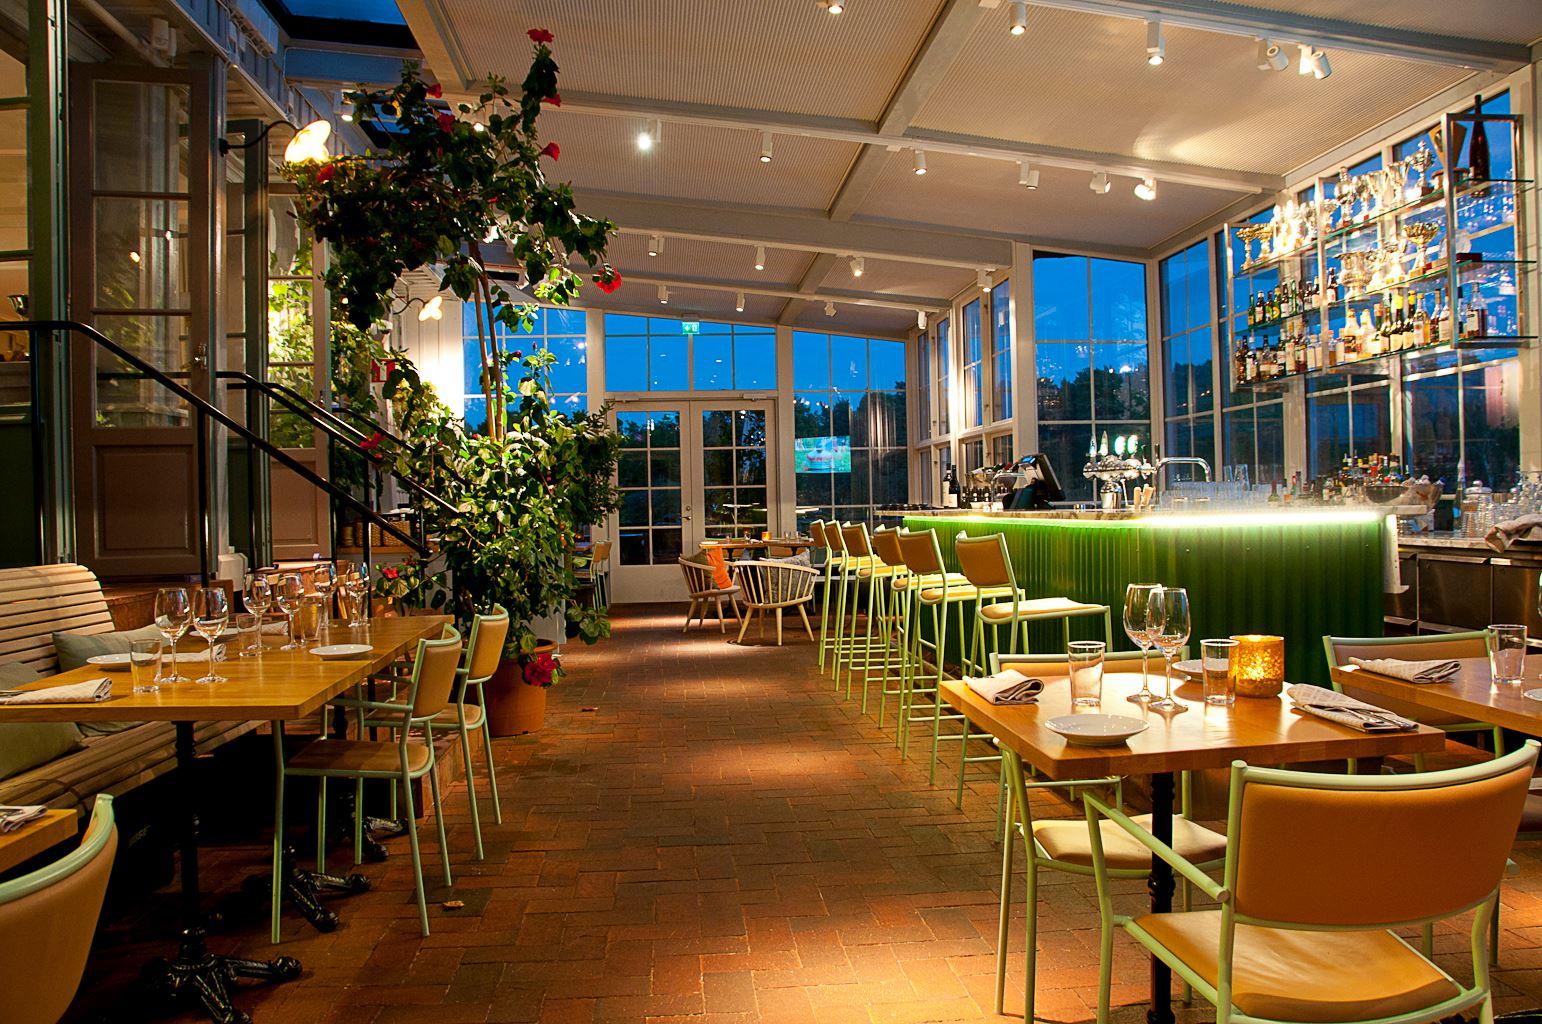 mysig restaurang med trägolv och stora fönsterrutor